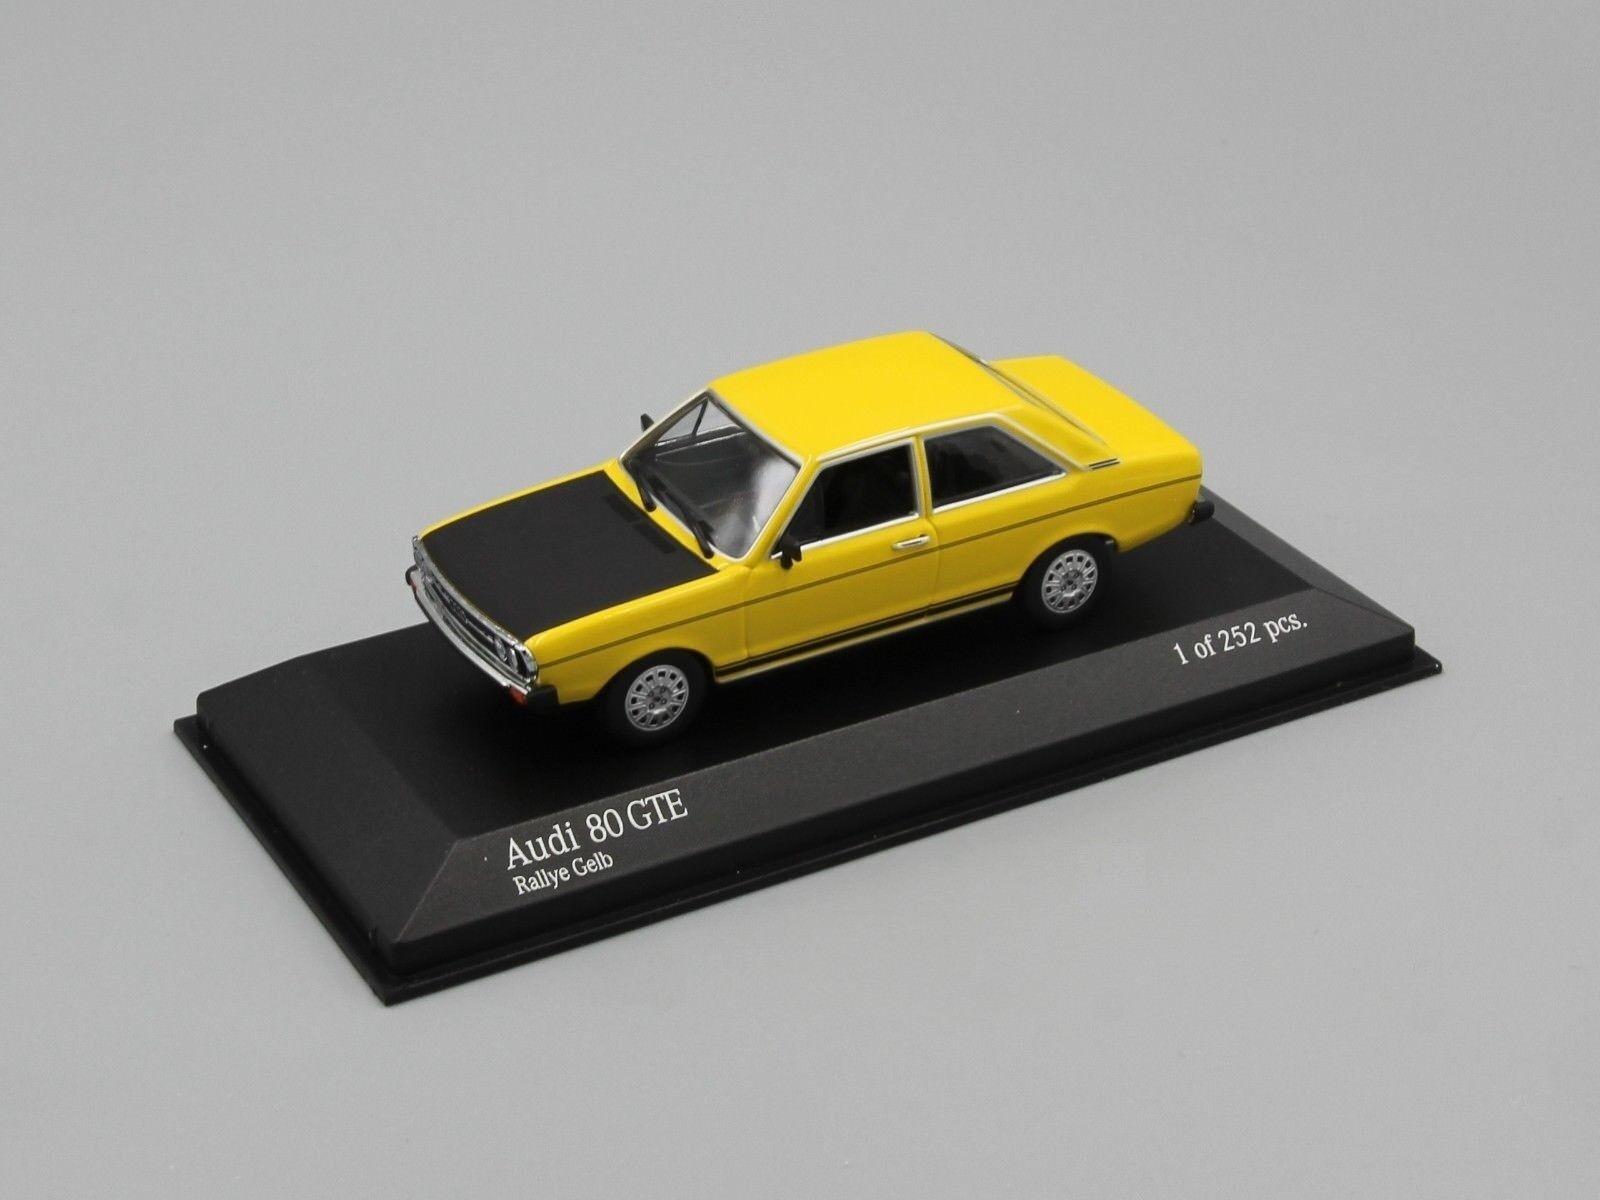 Der audi 80 gte - rallye - gelb 1975 minichamps 400015004 1   43 Gelb gelbe gallia gt   e